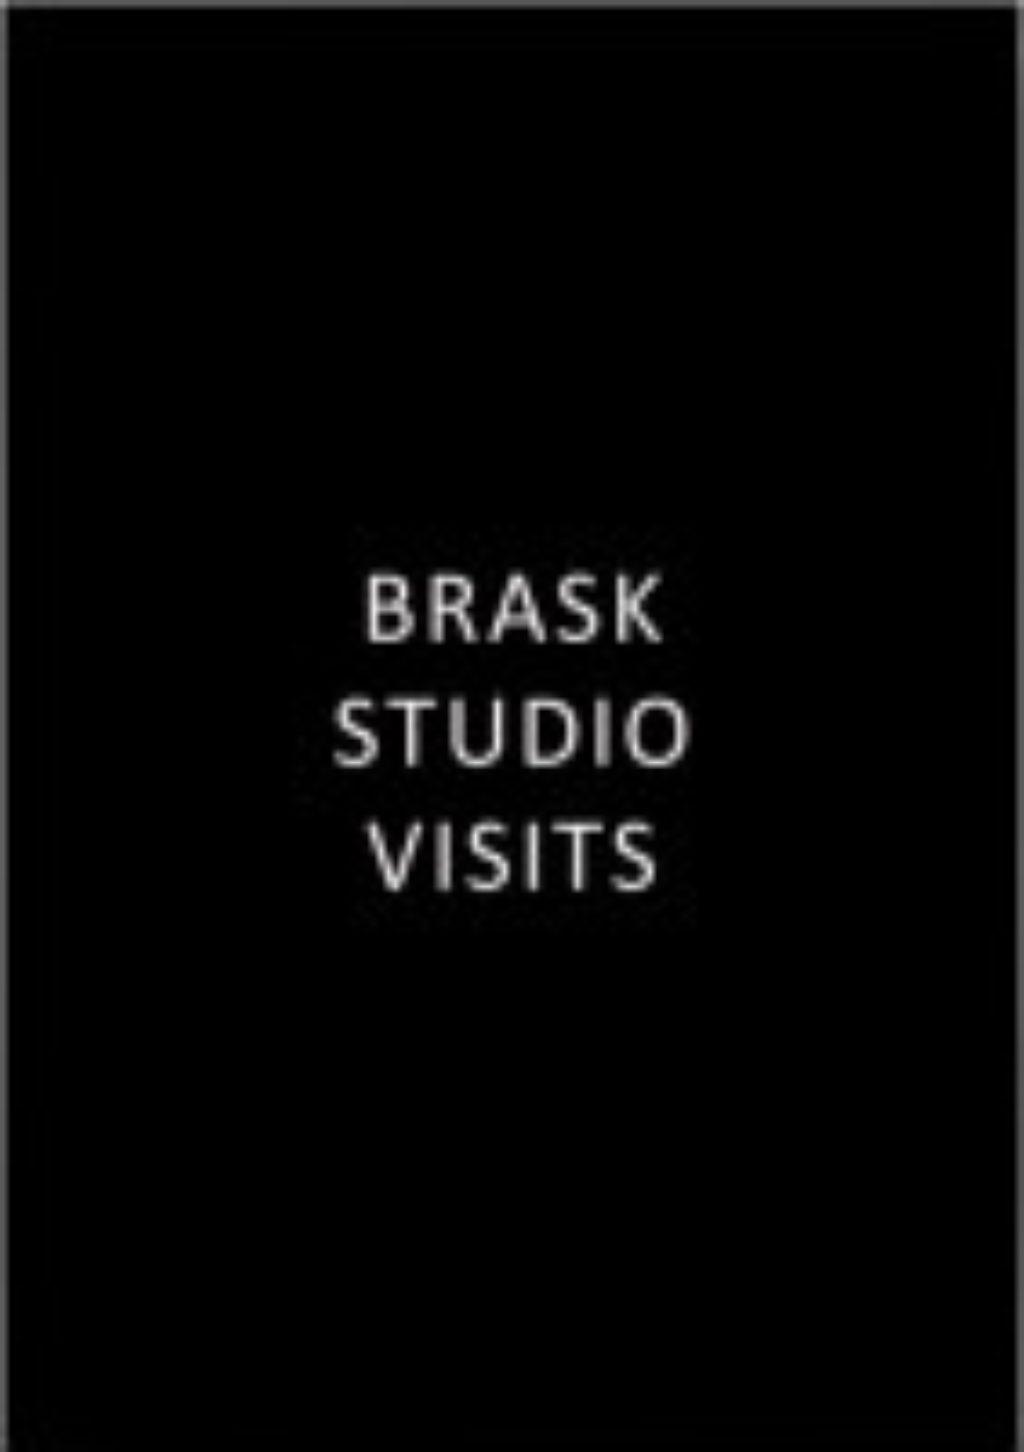 Gå til varen: BRASK STUDIO VISITS